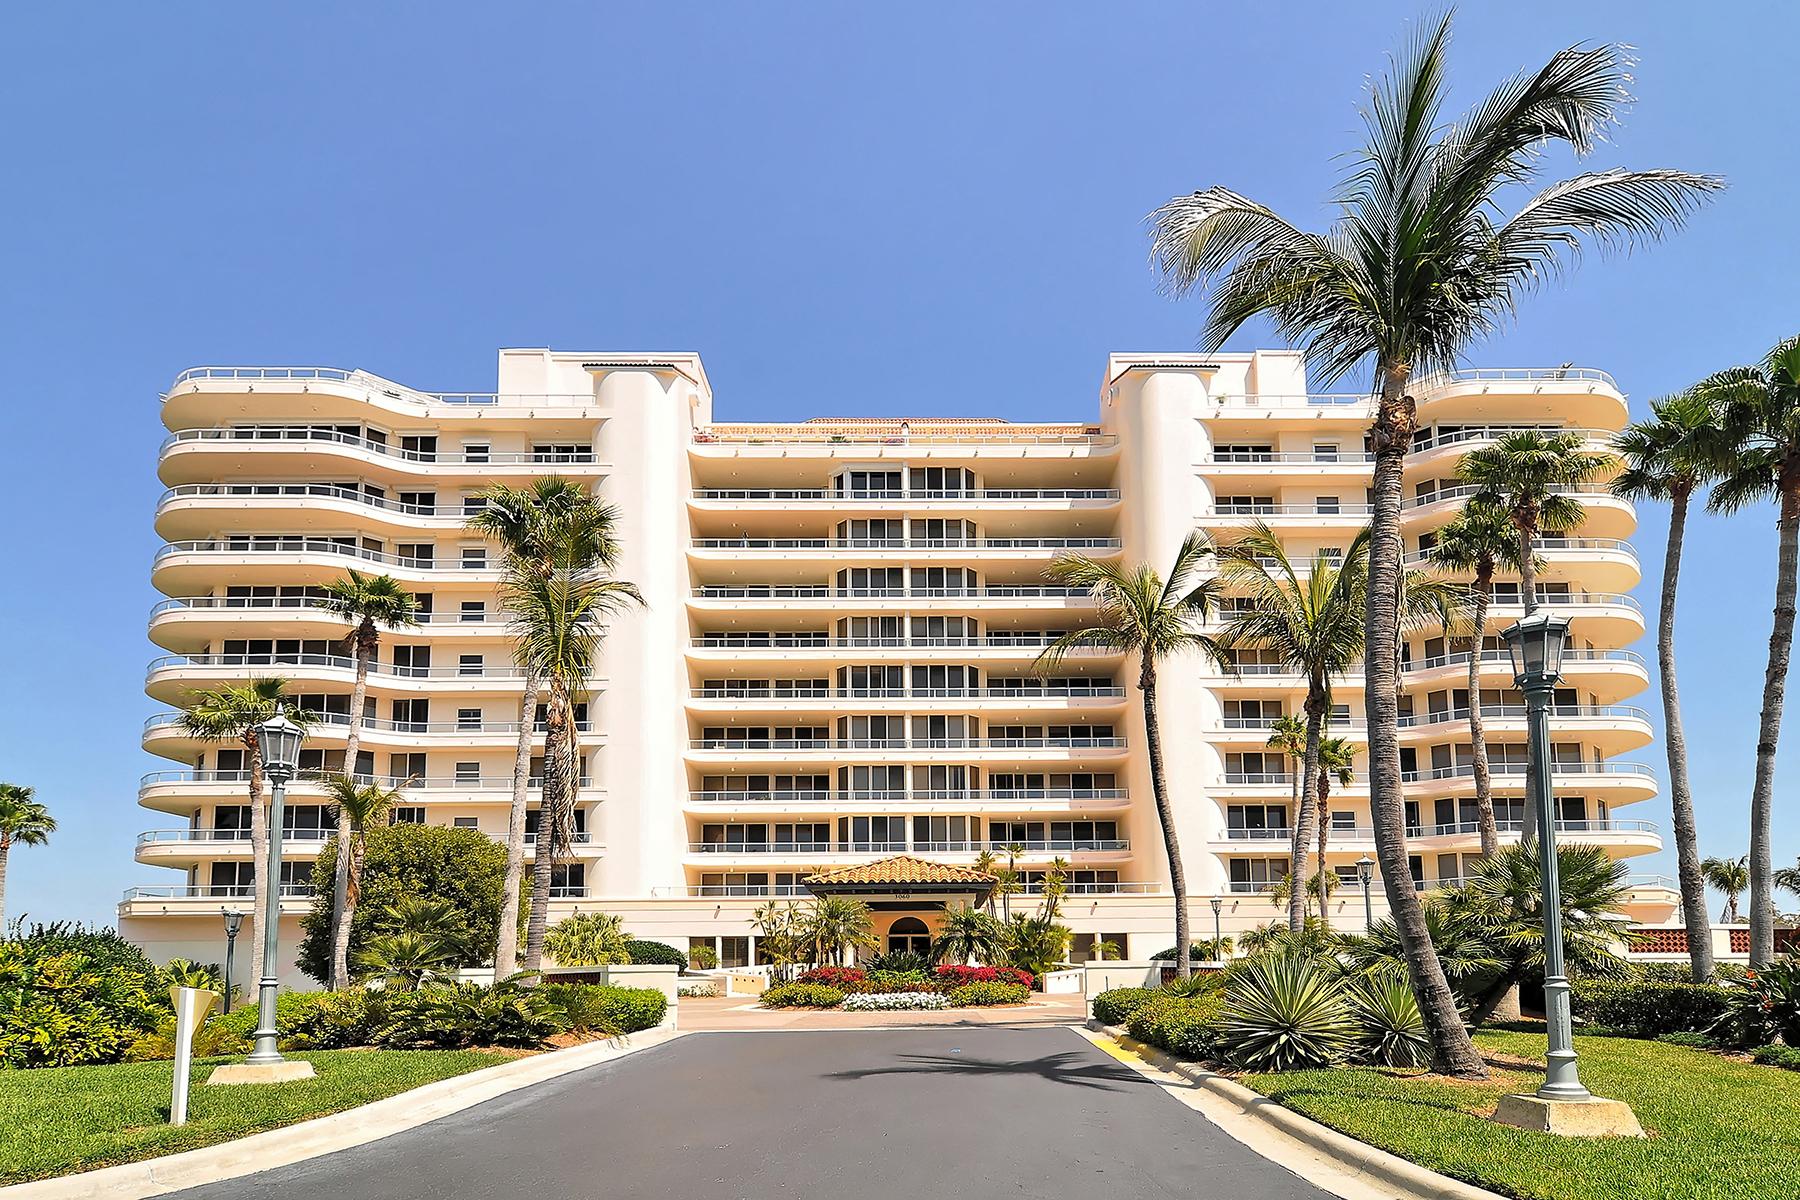 Condomínio para Venda às LONGBOAT KEY 3060 Grand Bay Blvd 153 Longboat Key, Florida 34228 Estados Unidos